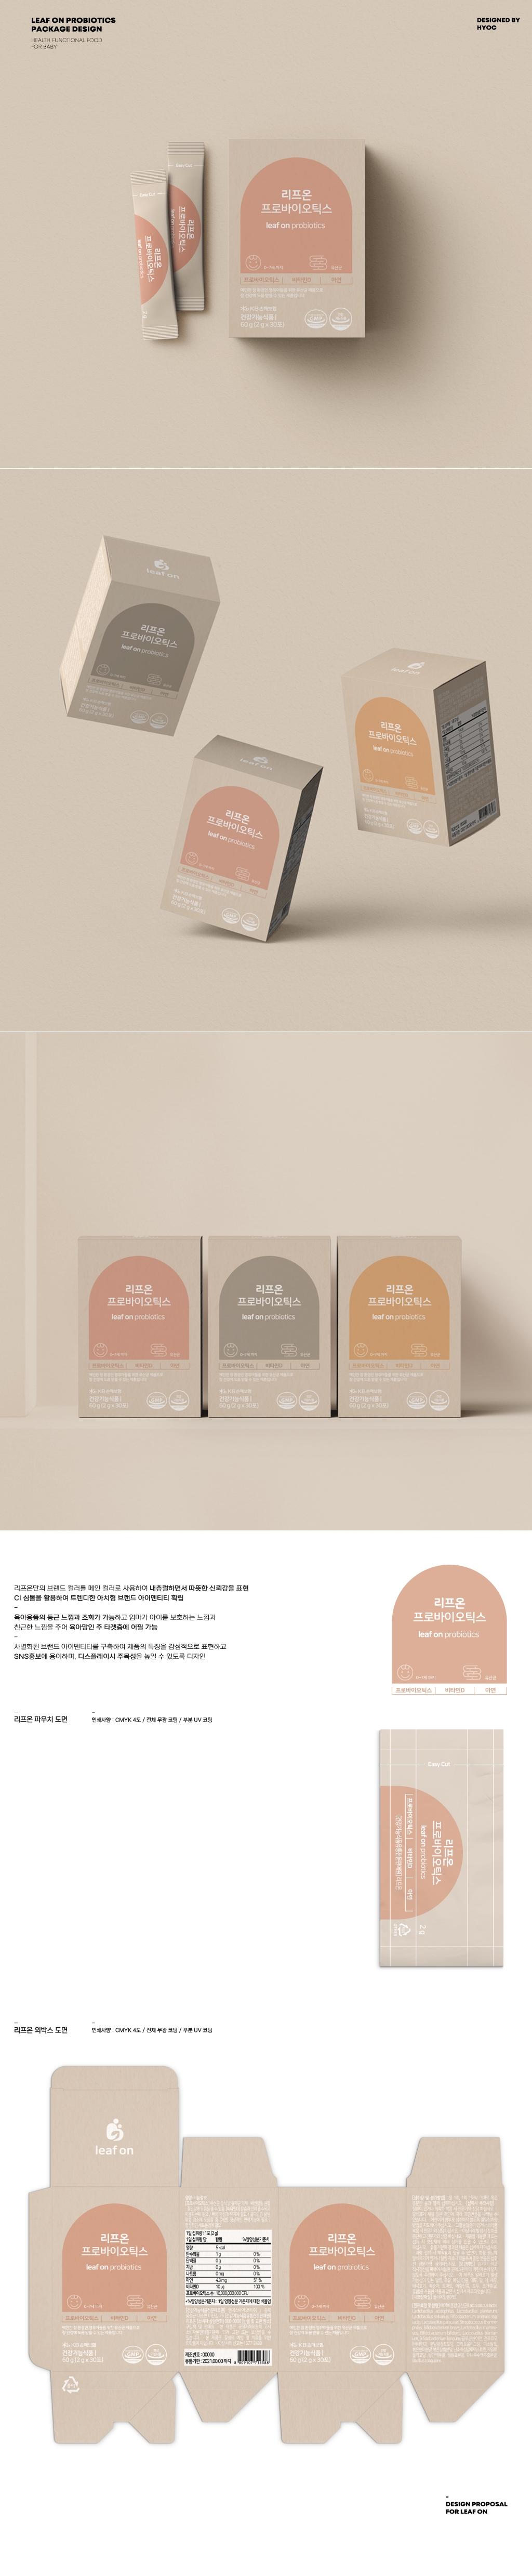 패키지 디자인   건강기능식품(유산균) 패키지 디자인 의뢰   라우드소싱 포트폴리오